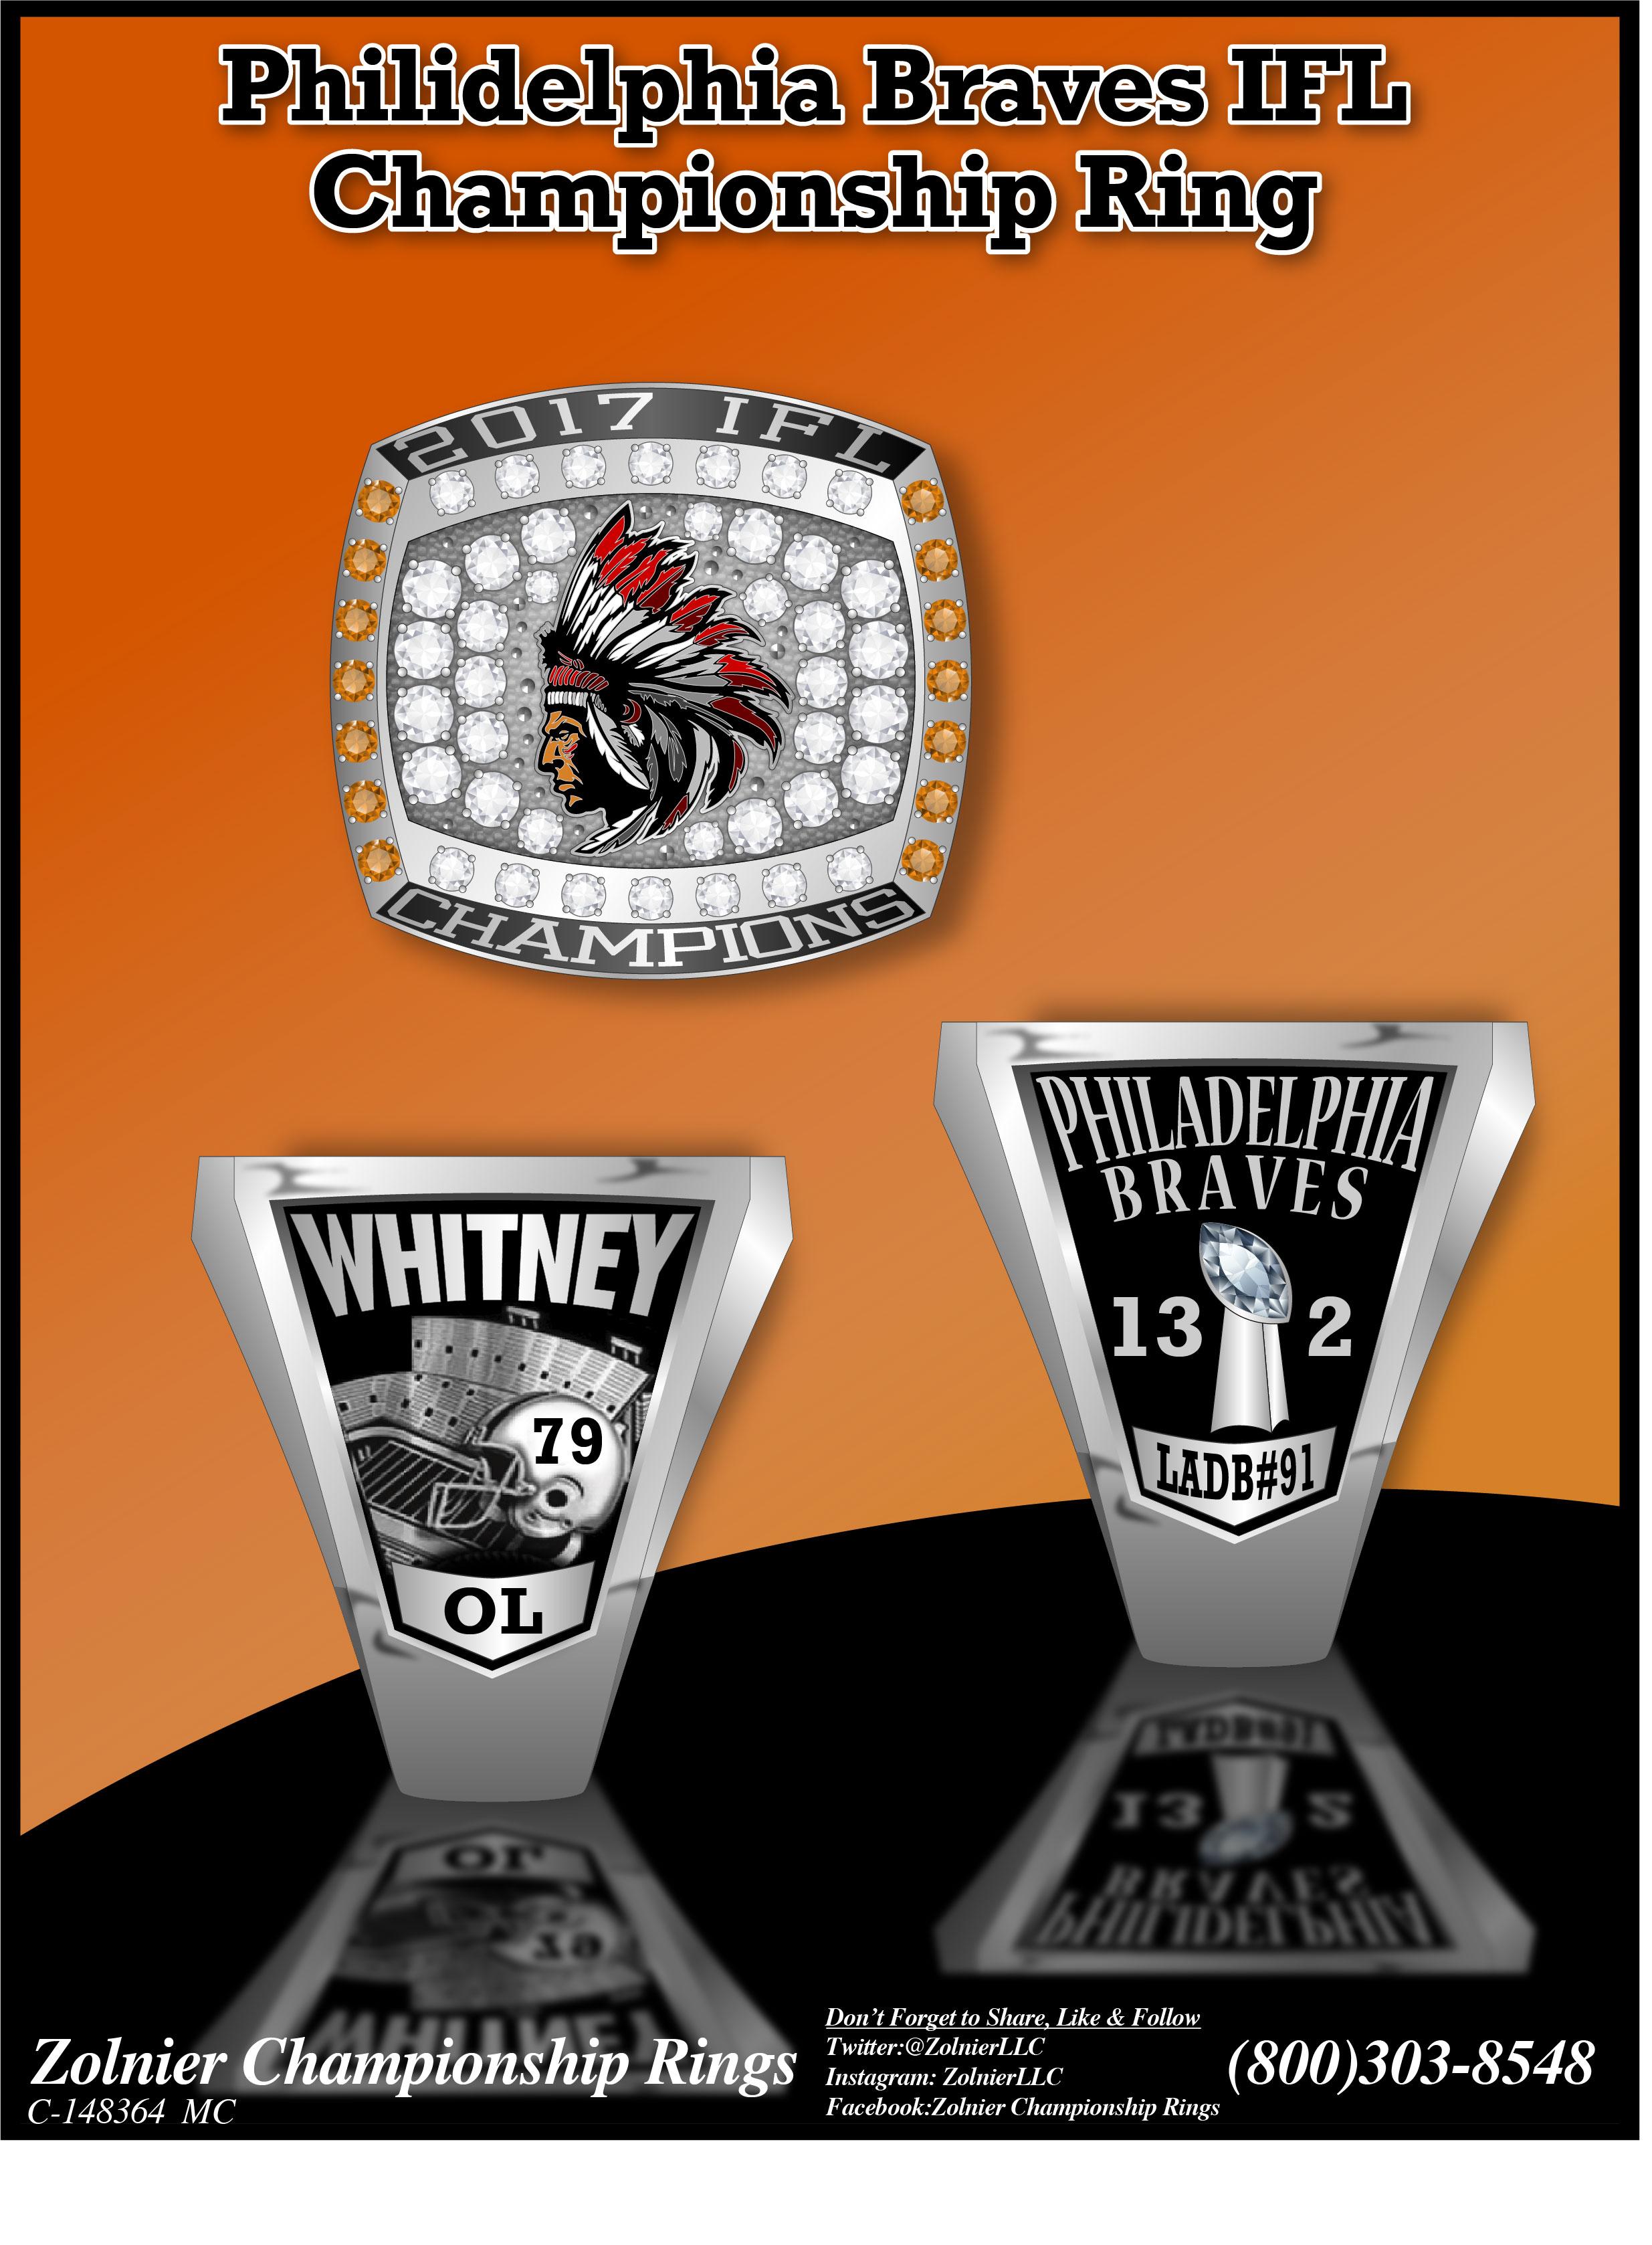 C-148364 Philadephia Braves Champ Ring 2